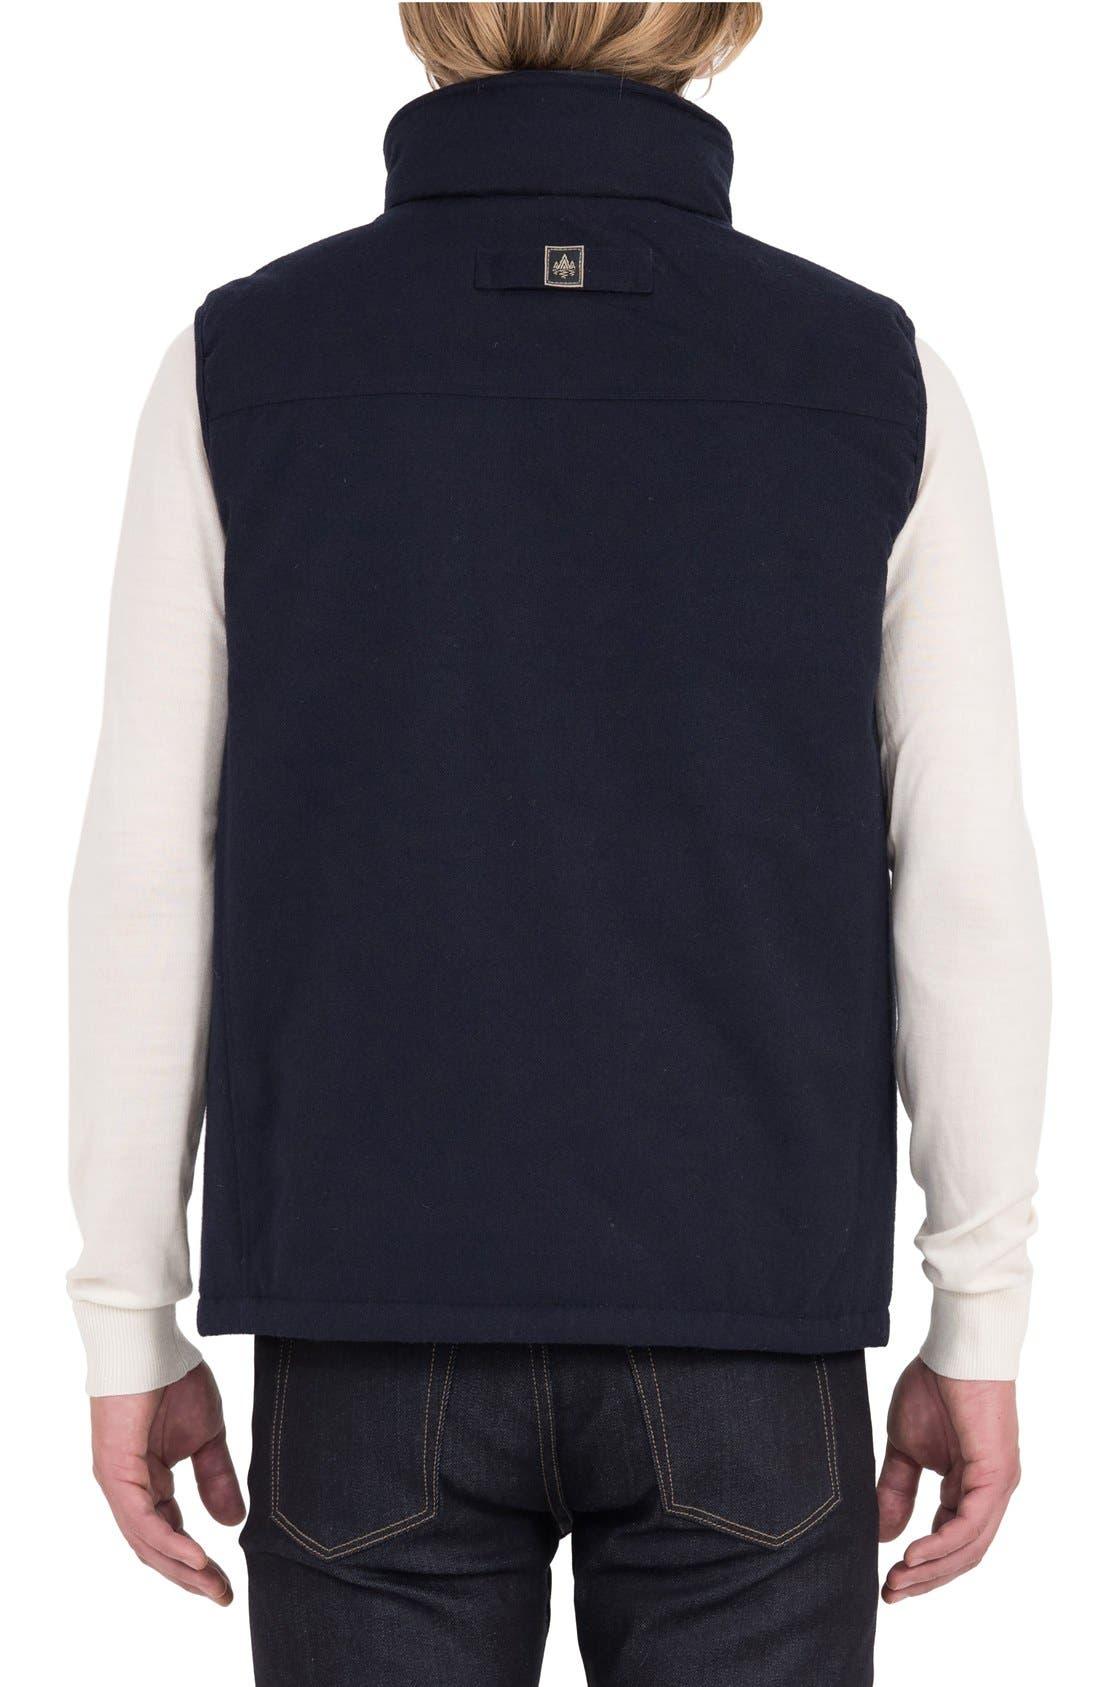 Aniak Military Vest,                             Alternate thumbnail 2, color,                             Navy